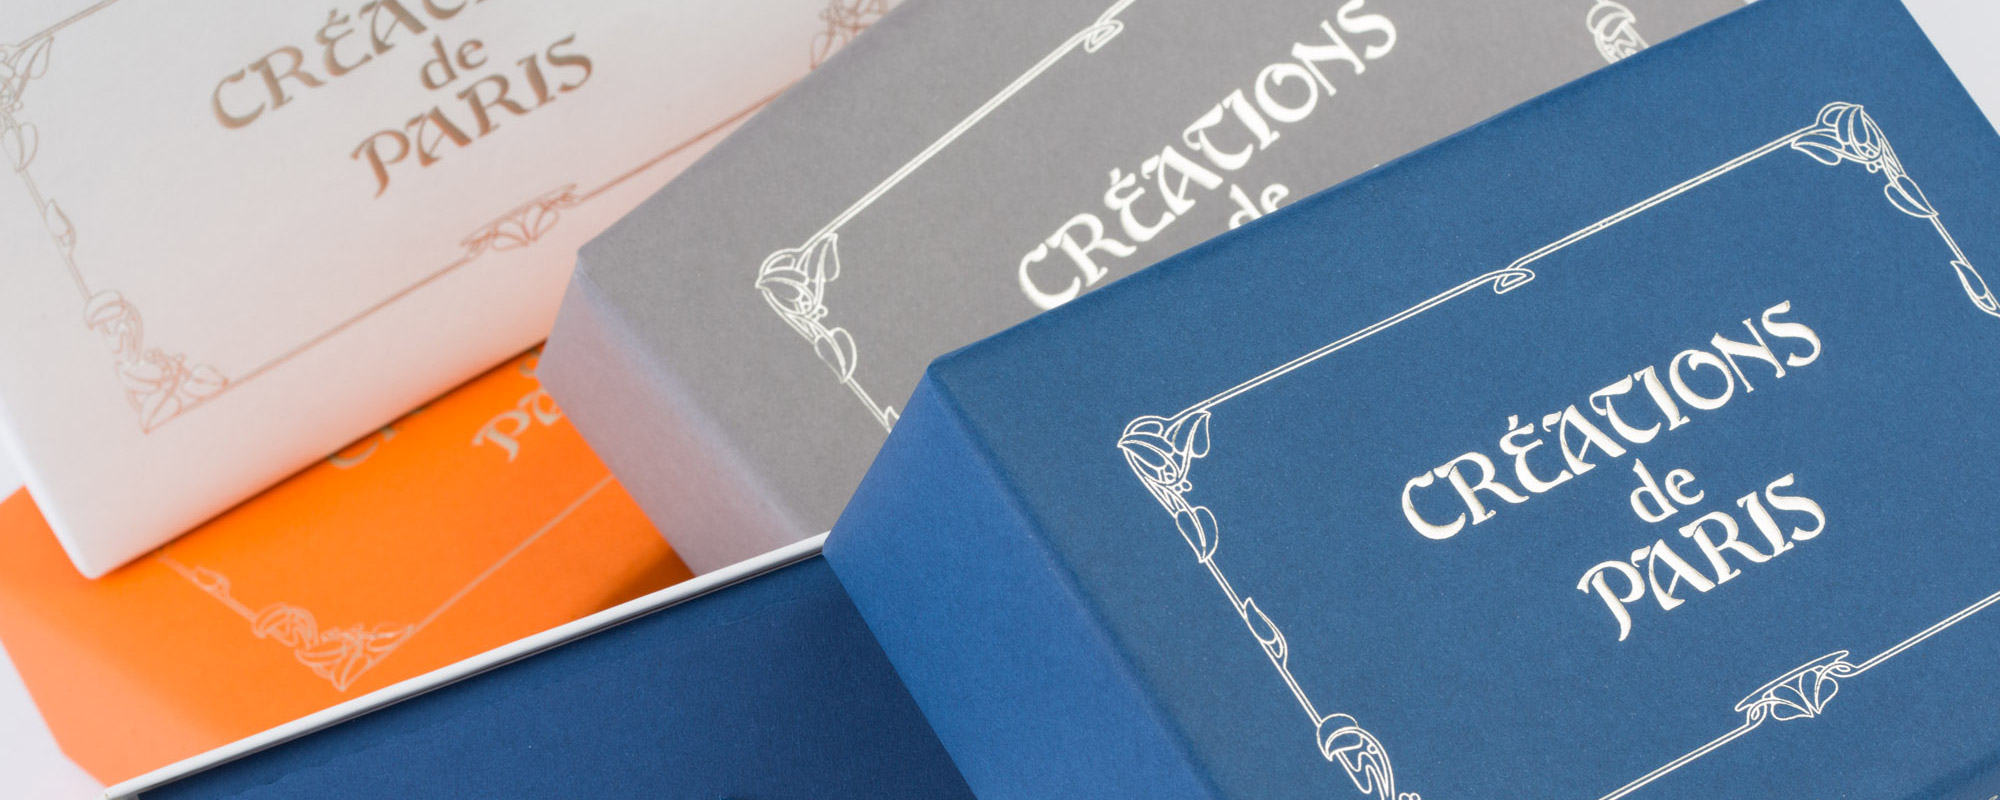 Cartoleria di lusso Creation de Paris